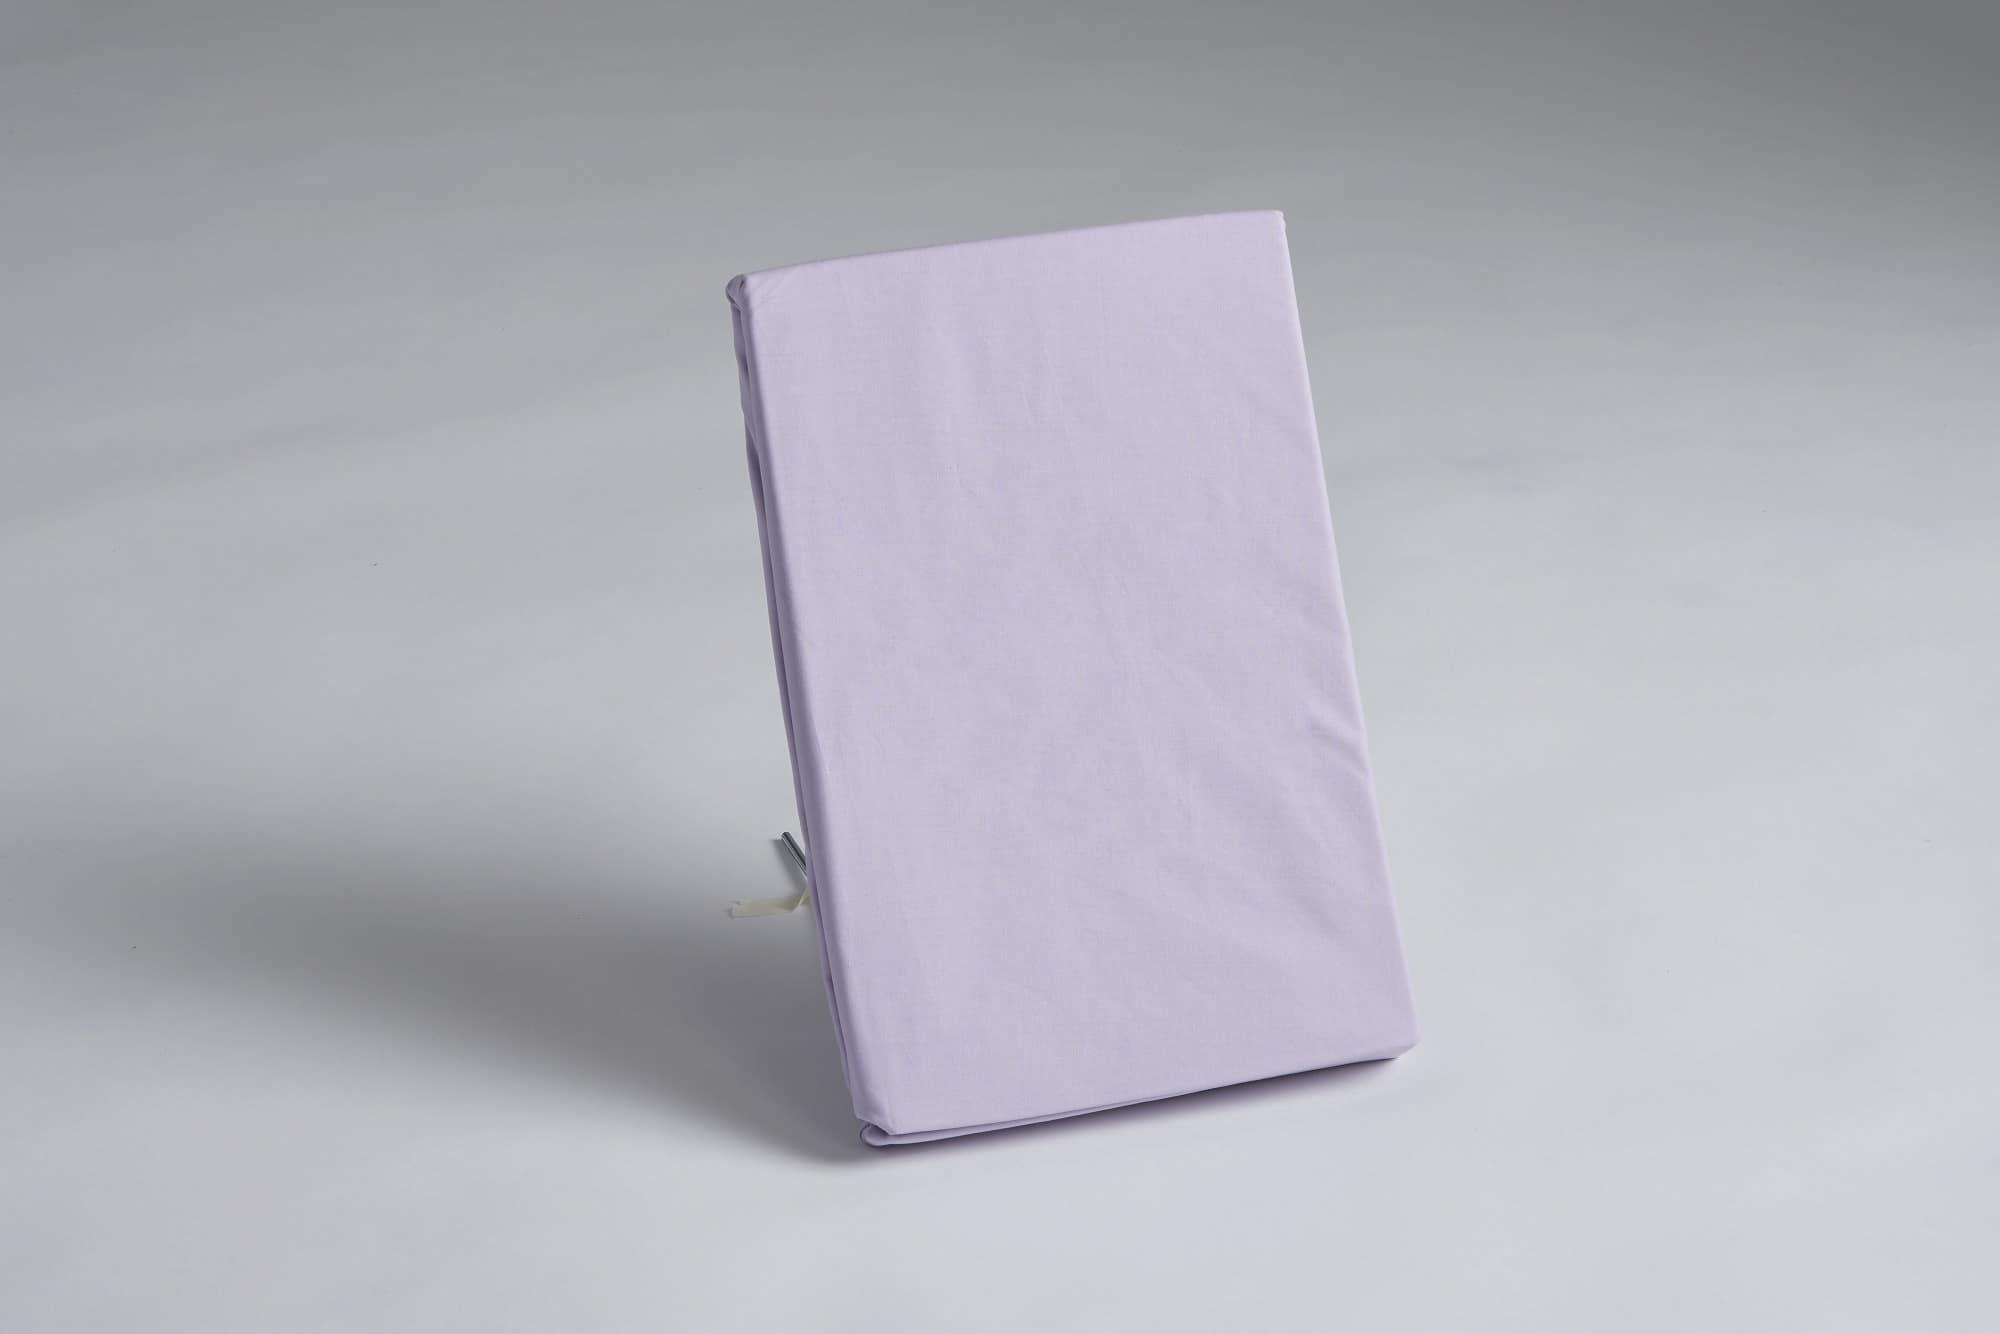 ボックスシーツ キング2用 36H パープル